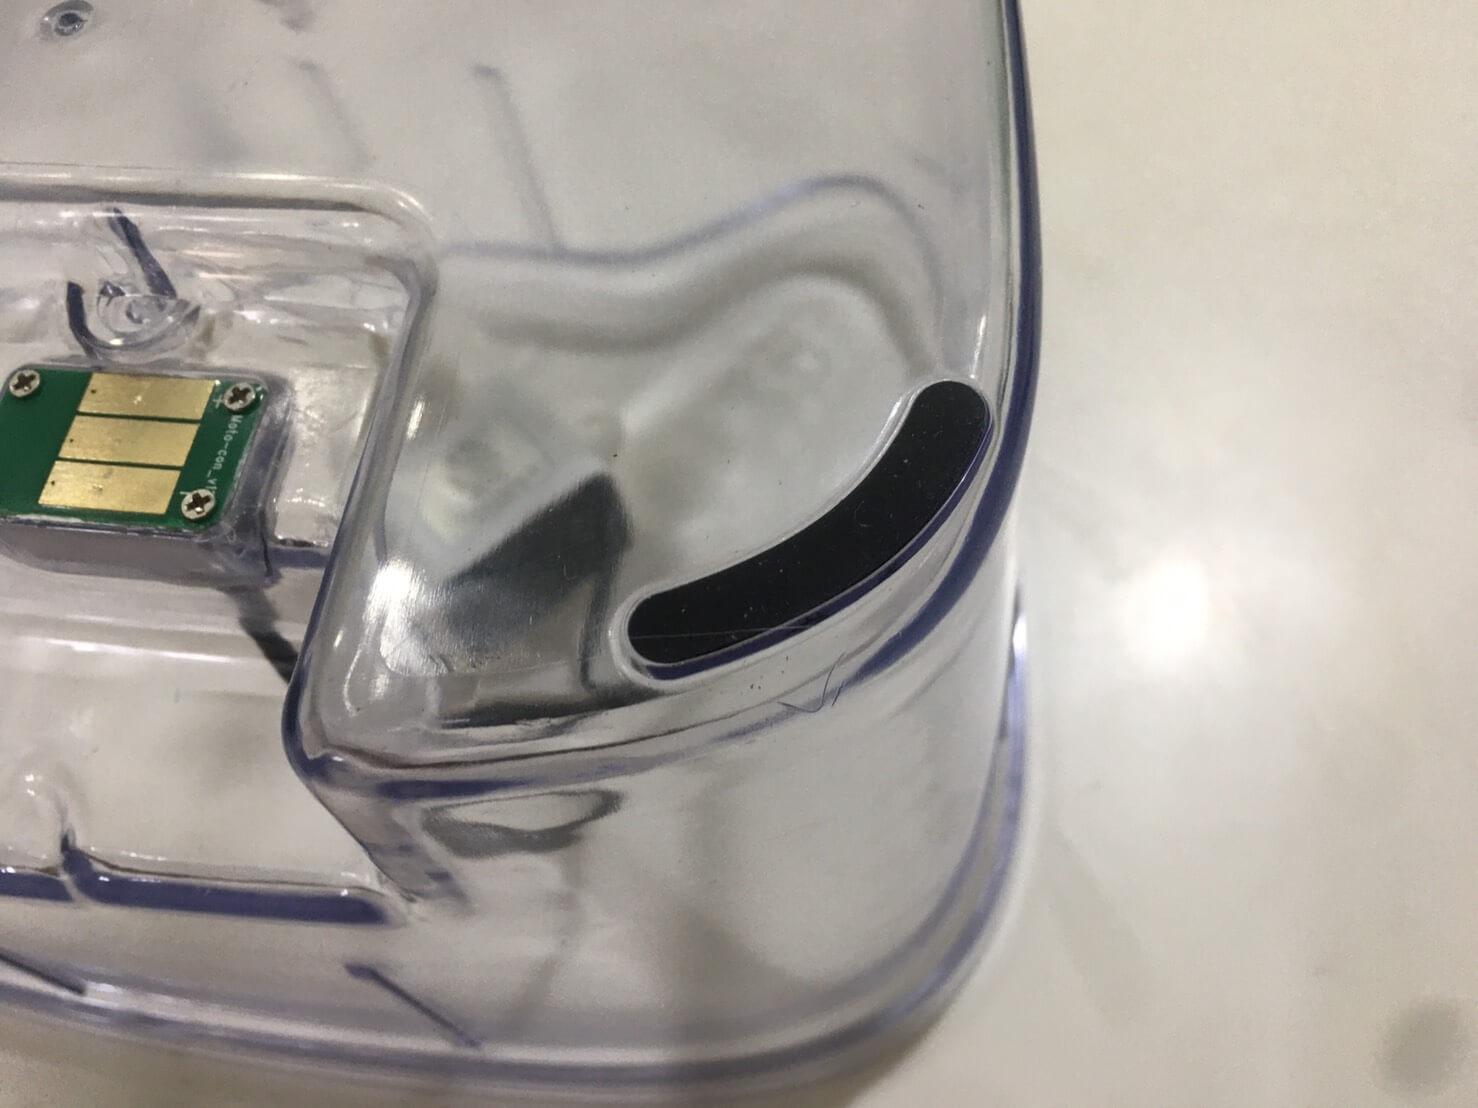 貝米智寵飲水機晶片